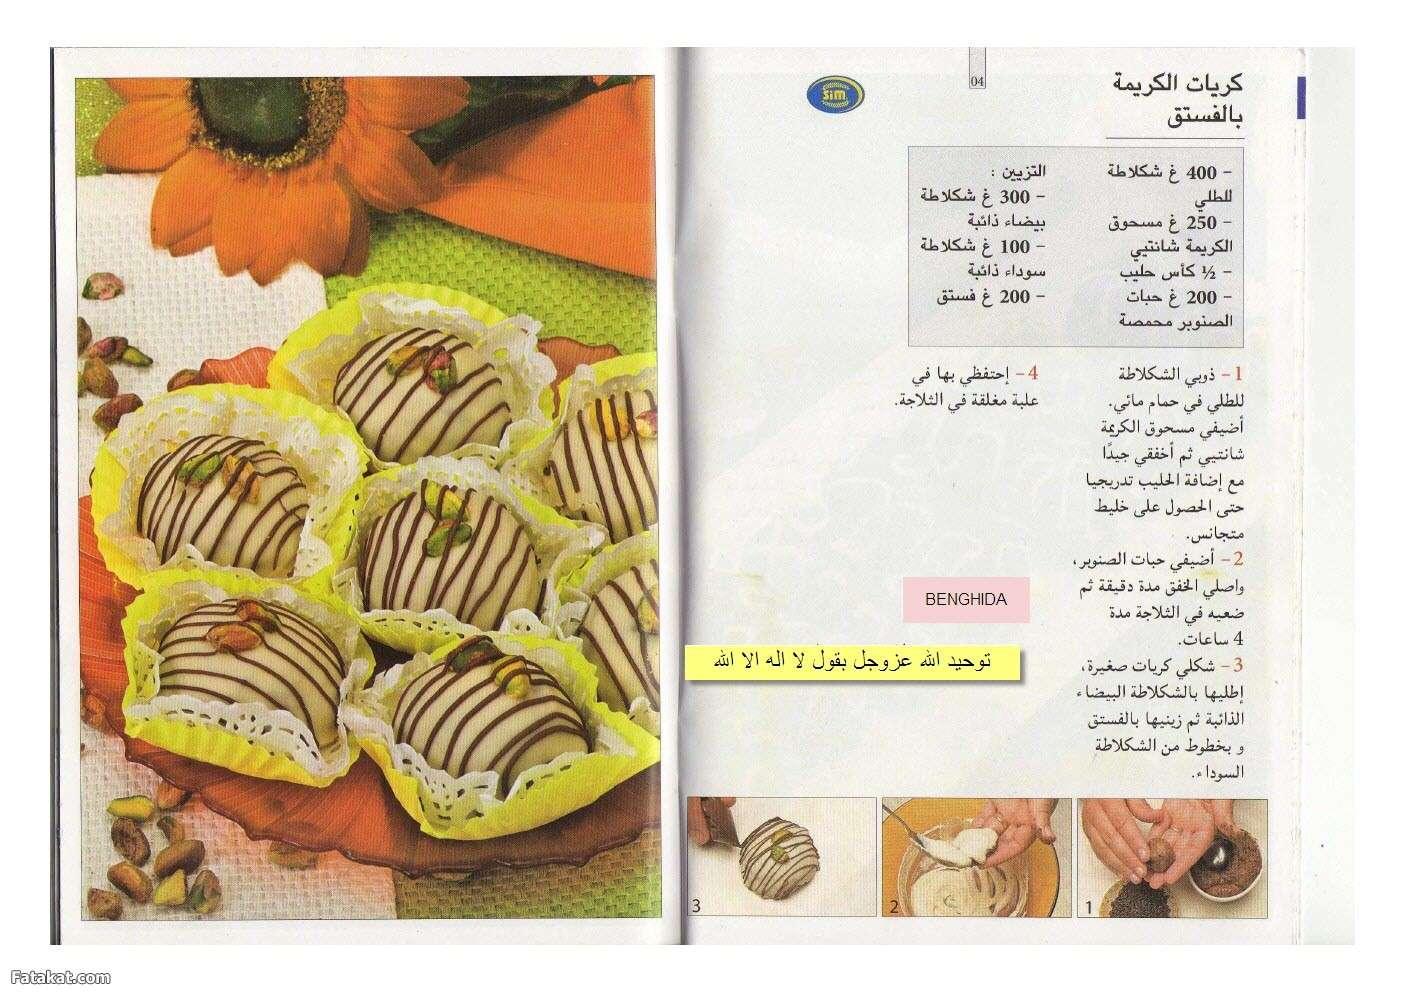 بالصور حلويات جزائرية اقتصادية , اجمل الحلويات الجزائريه اقتصاديه السعر 3554 3